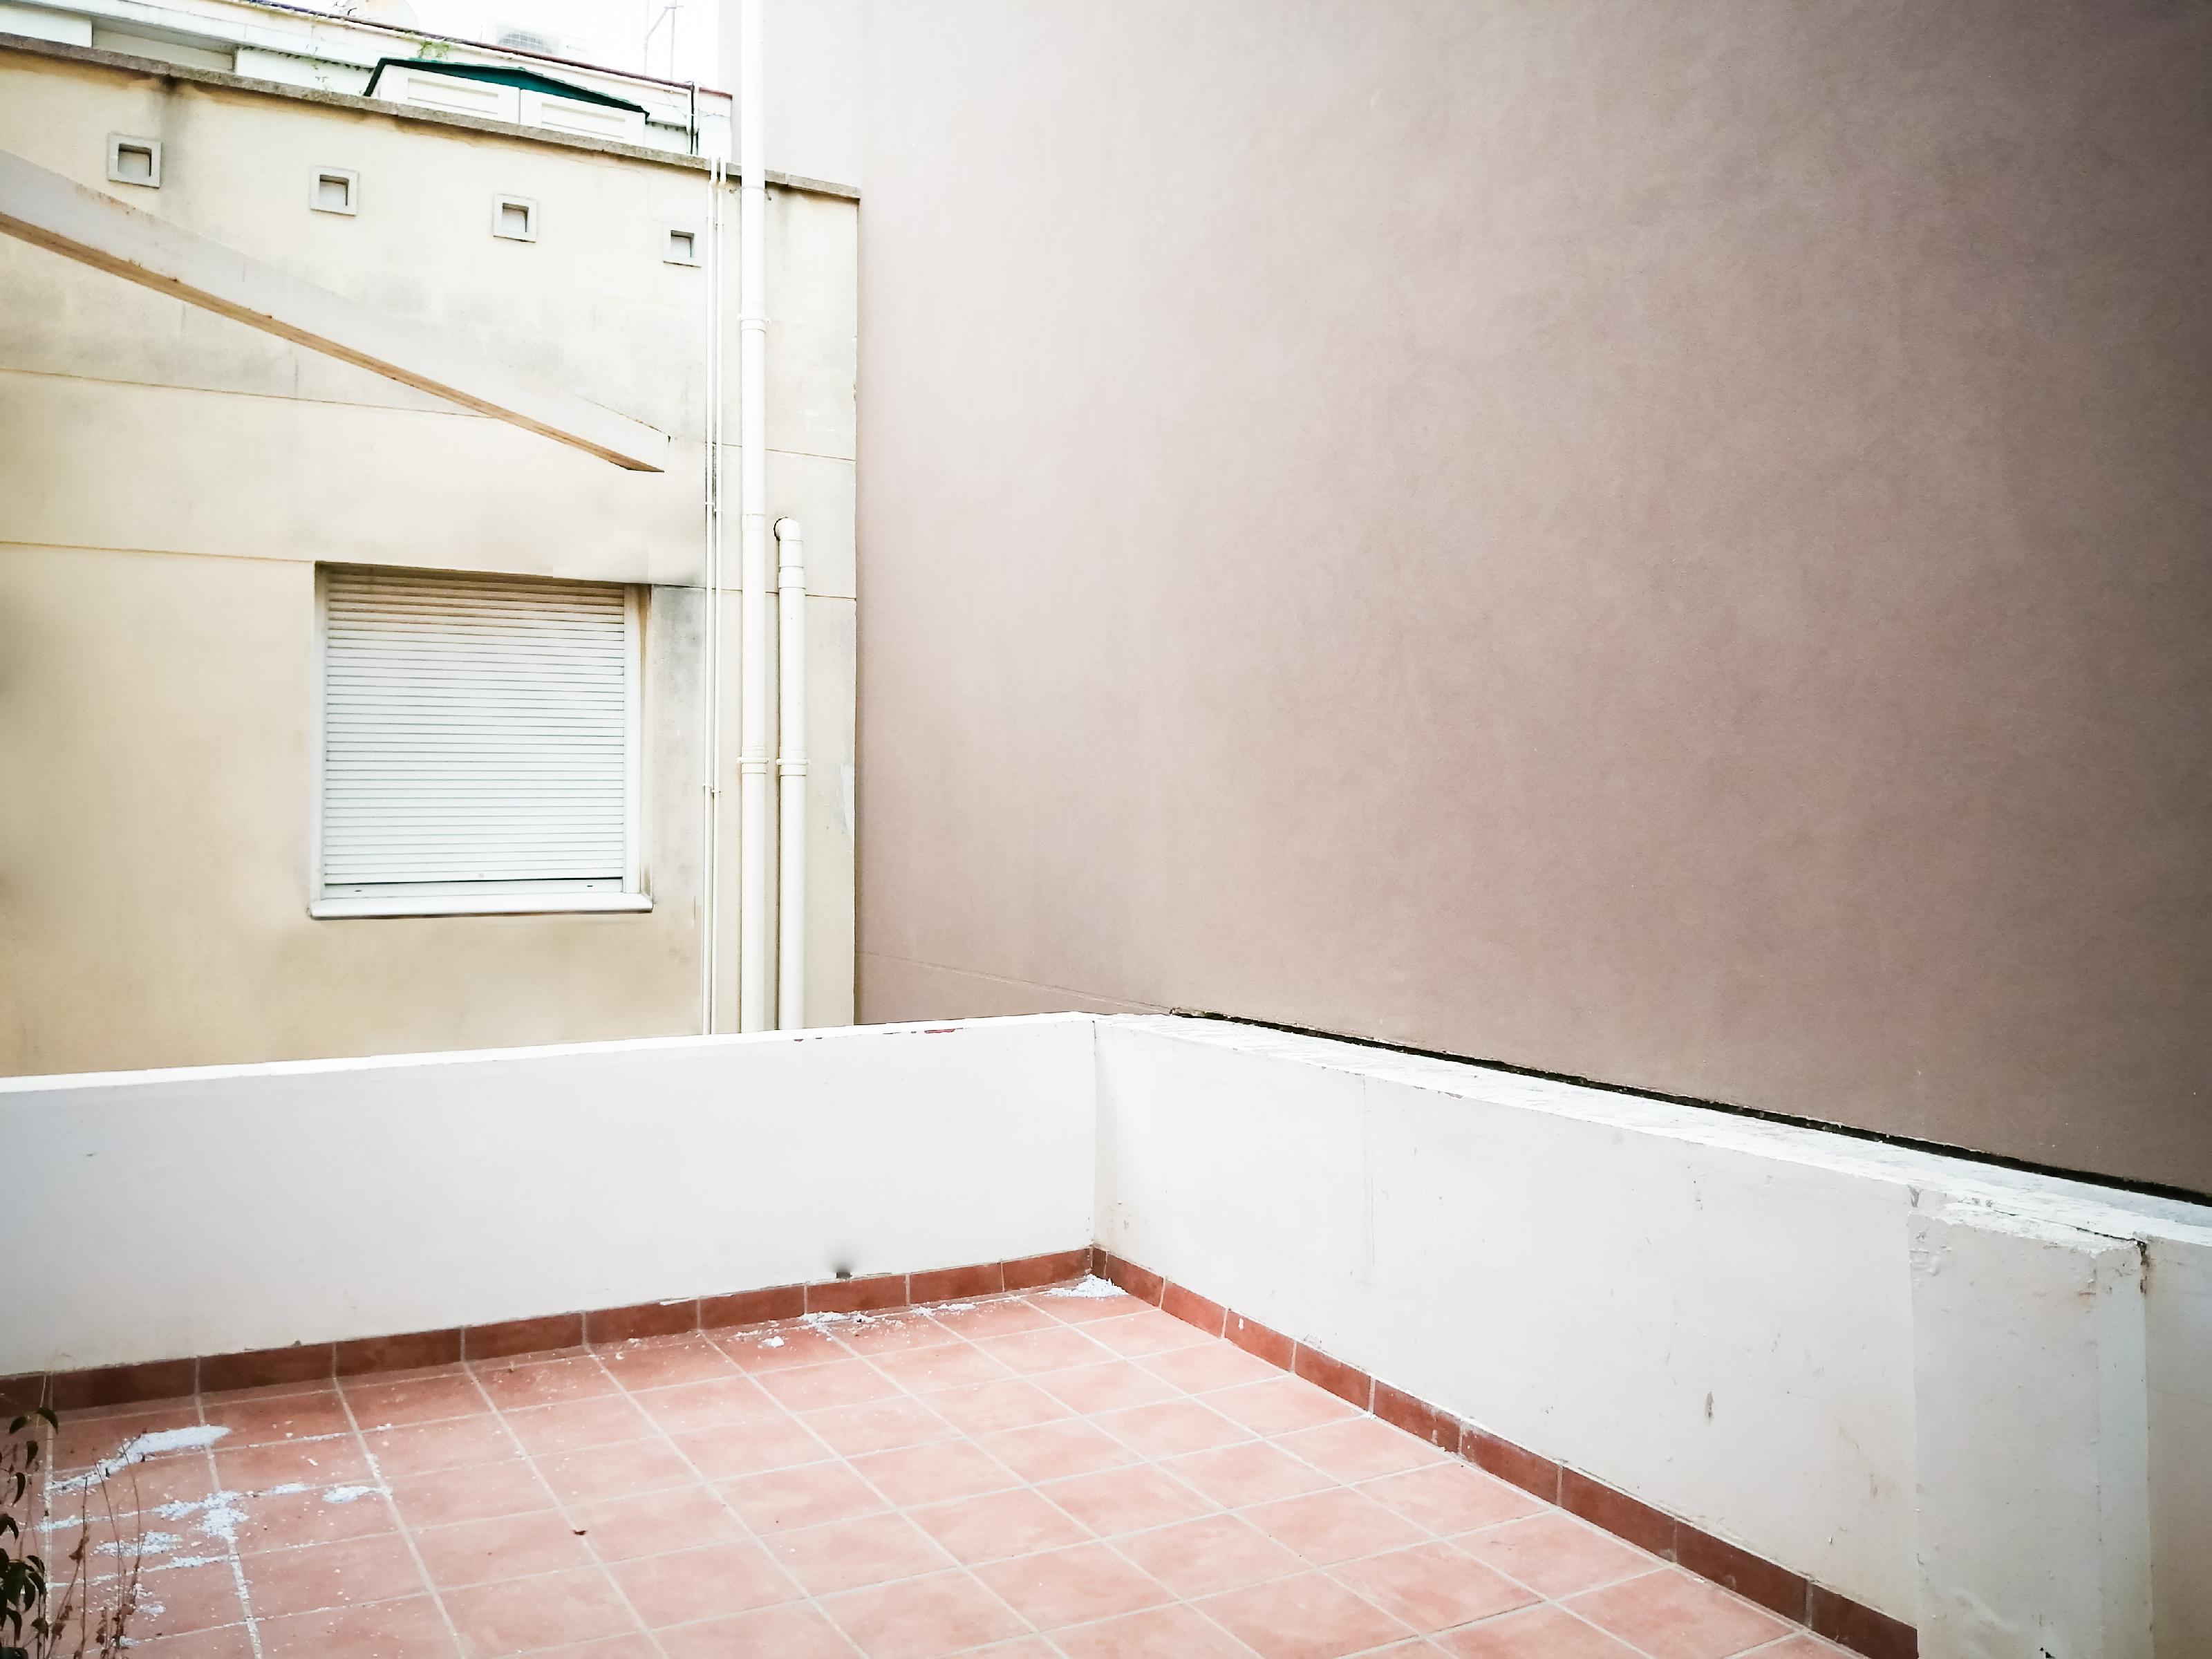 246065 Flat for sale in Sarrià-Sant Gervasi, Sarrià 21